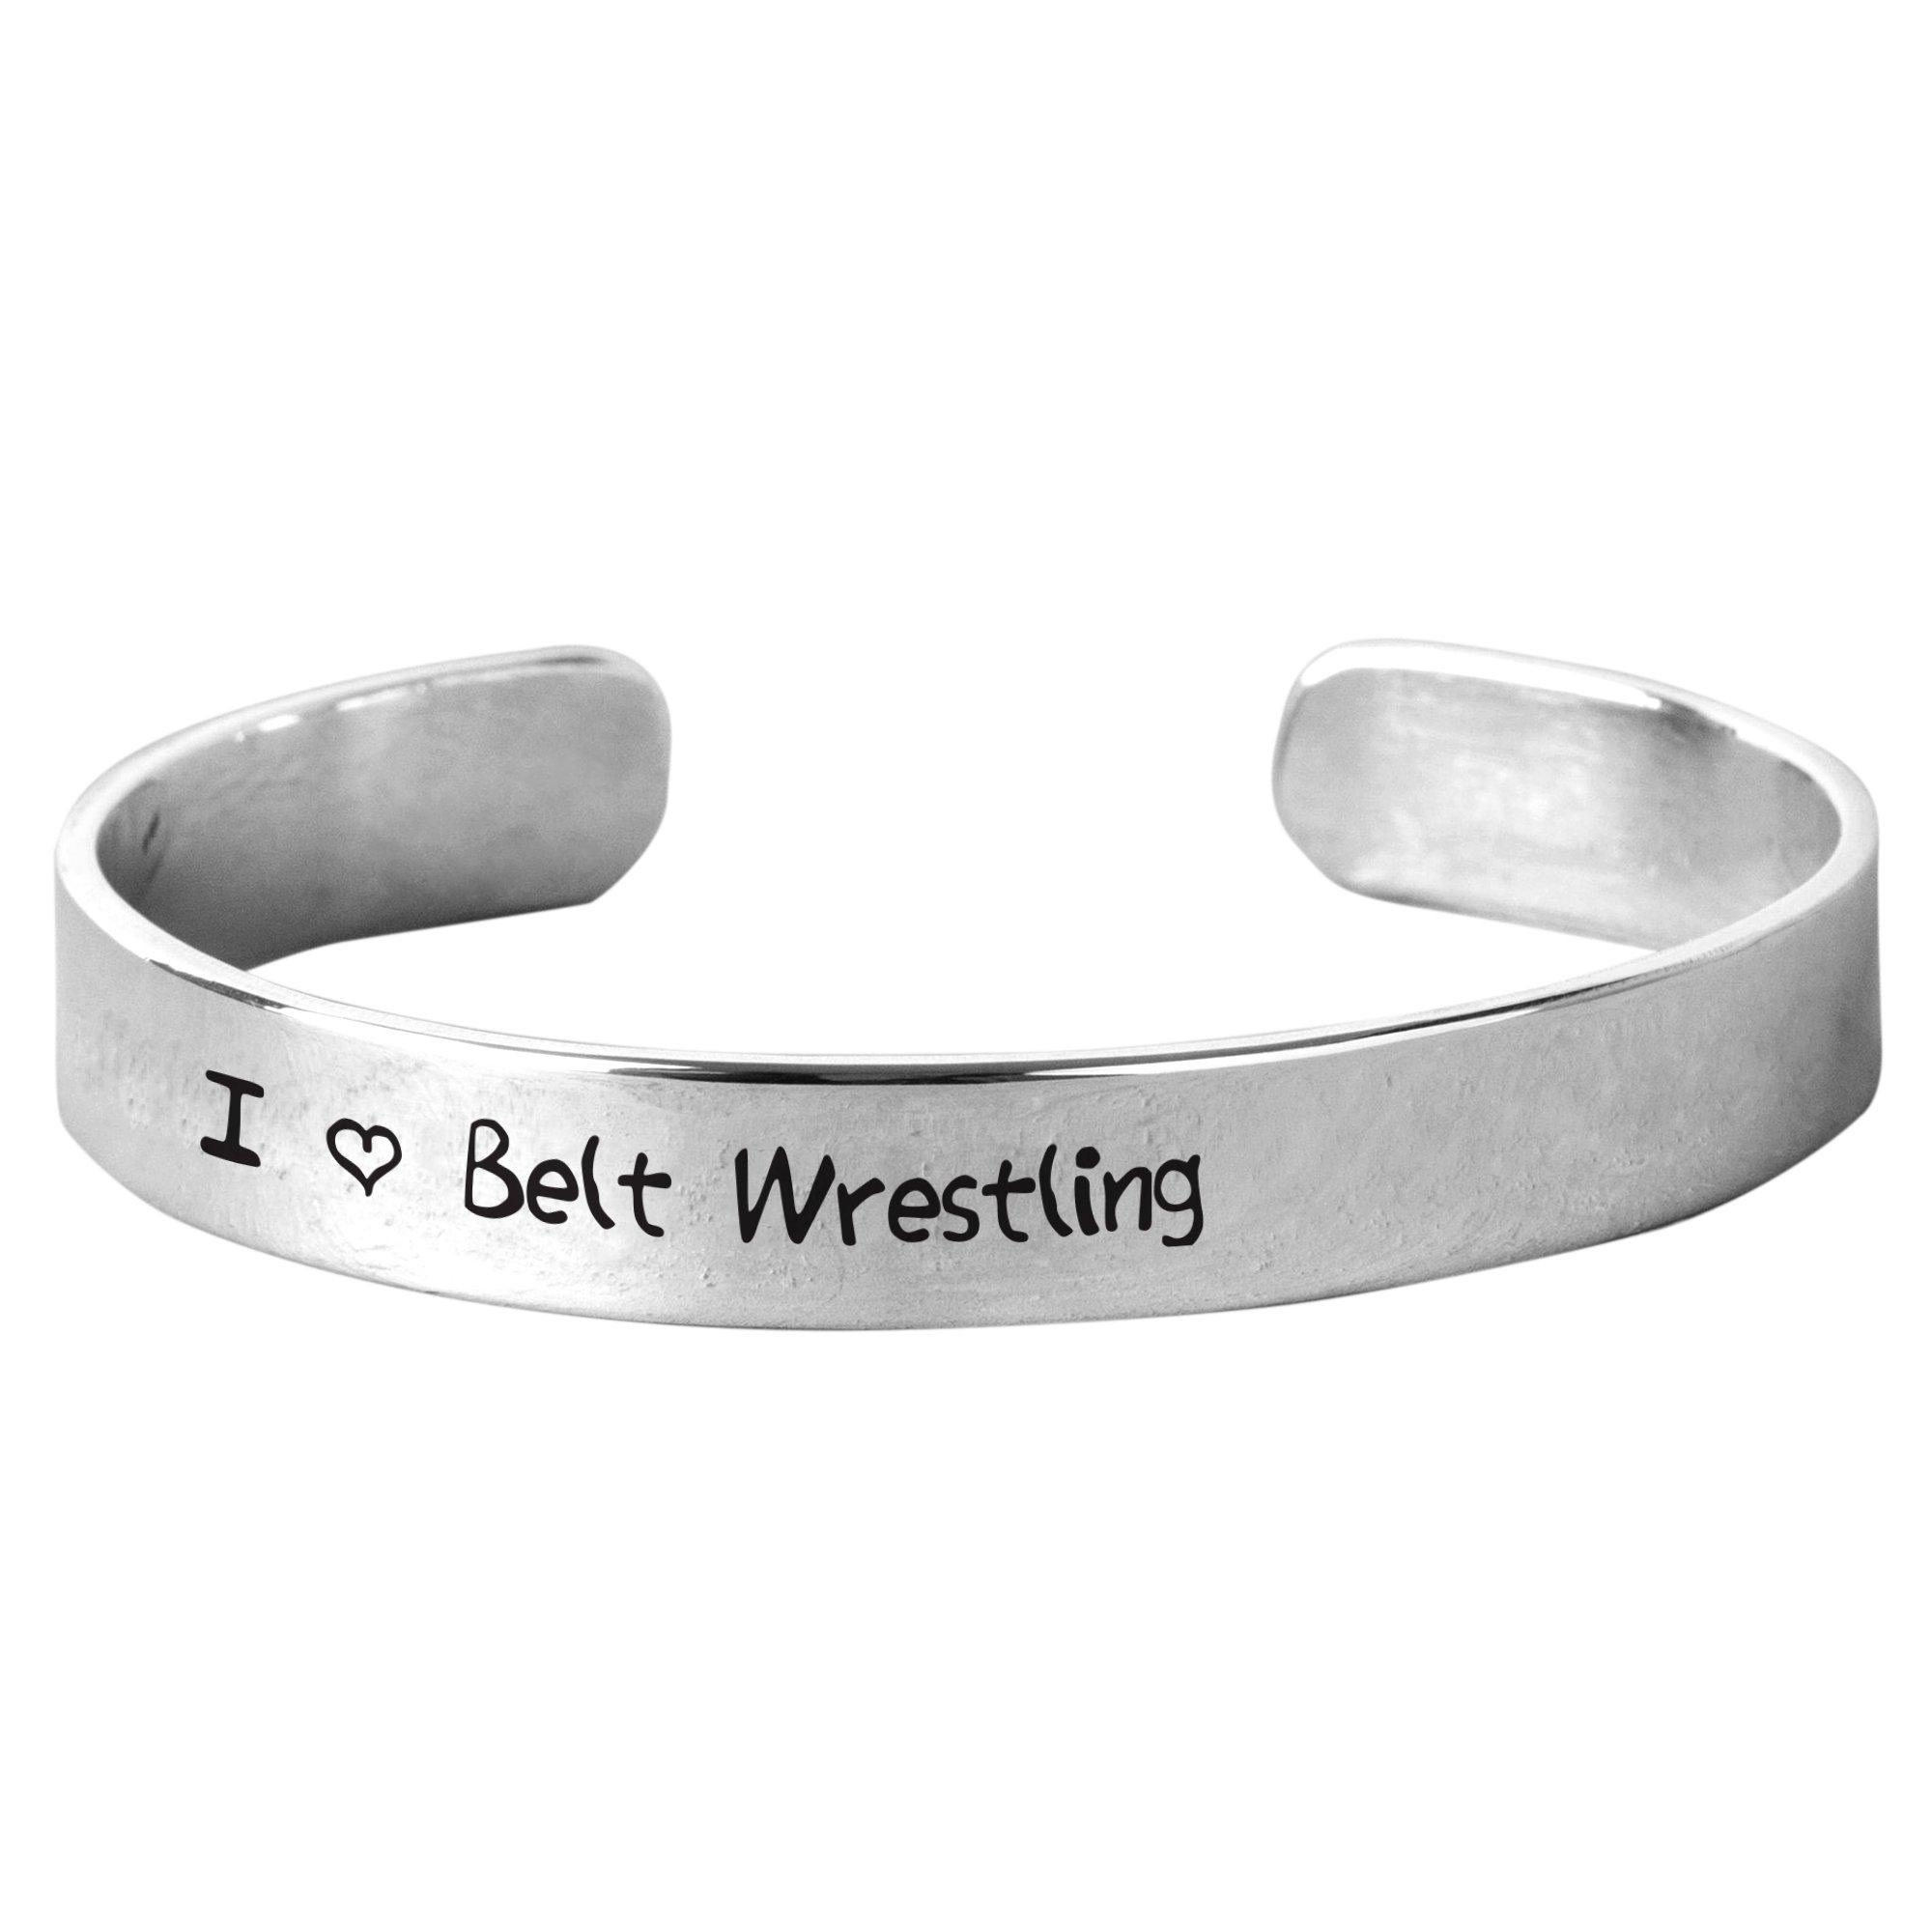 I Love Belt Wrestling - Unisex Hand-Stamped Aluminium Bracelet by NanaTheNoodle